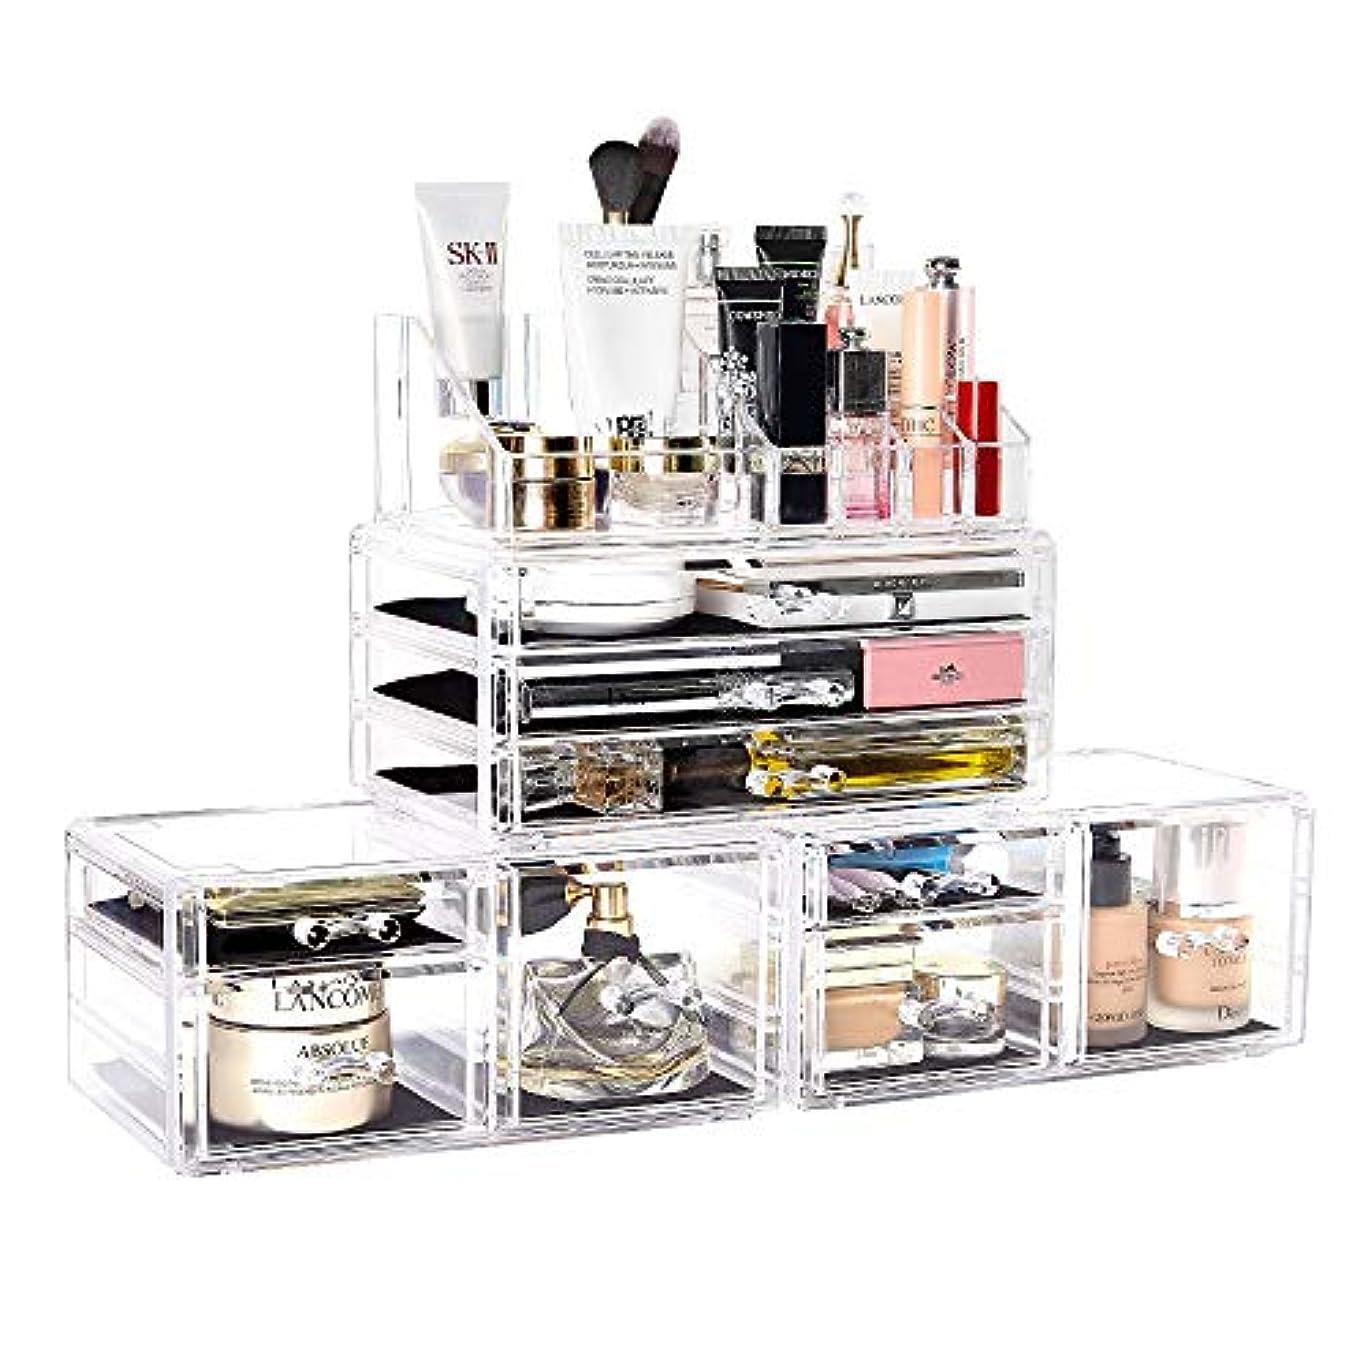 メイクボックス DreamGenius 化粧品収納ボックス 高级感 引き出し 小物/化粧品入れ メイクケース 小物 収納 透明アクリル 4段 プレゼント (4セット)